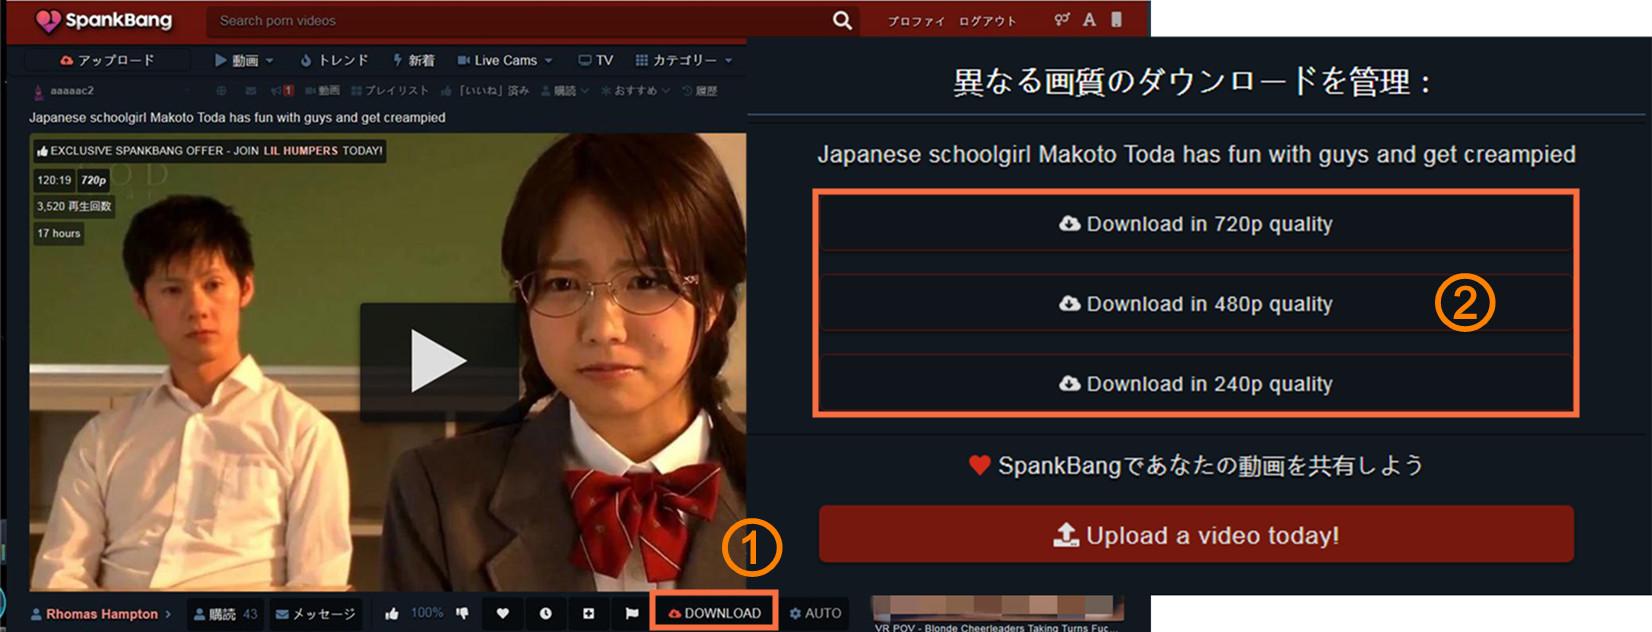 SpankBangから動画をダウンロードする方法